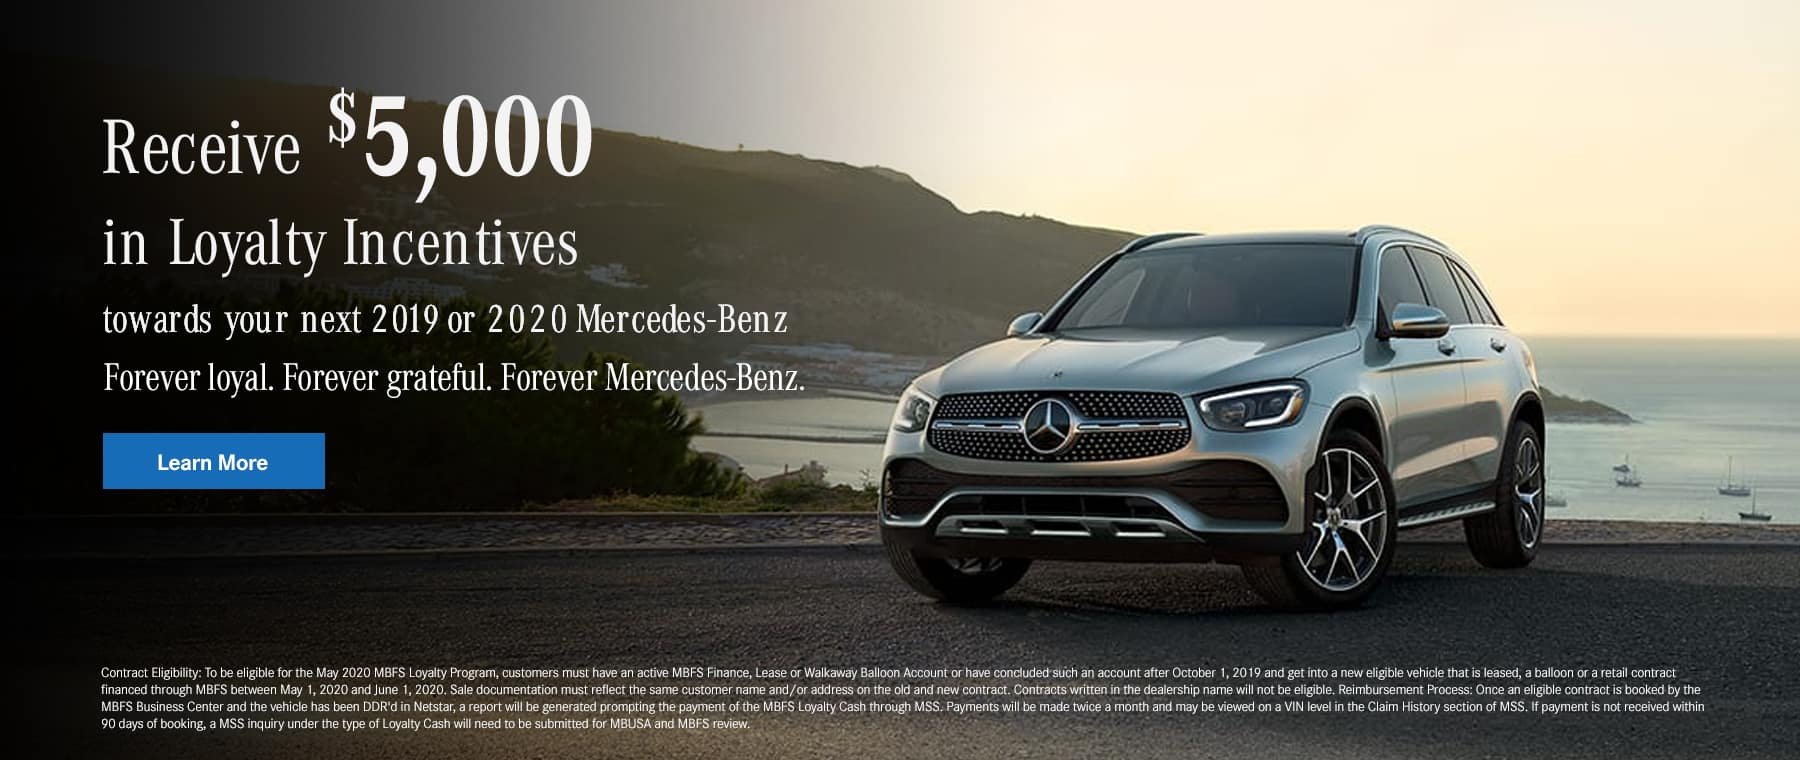 Mercedes-Benz Loyalty Program